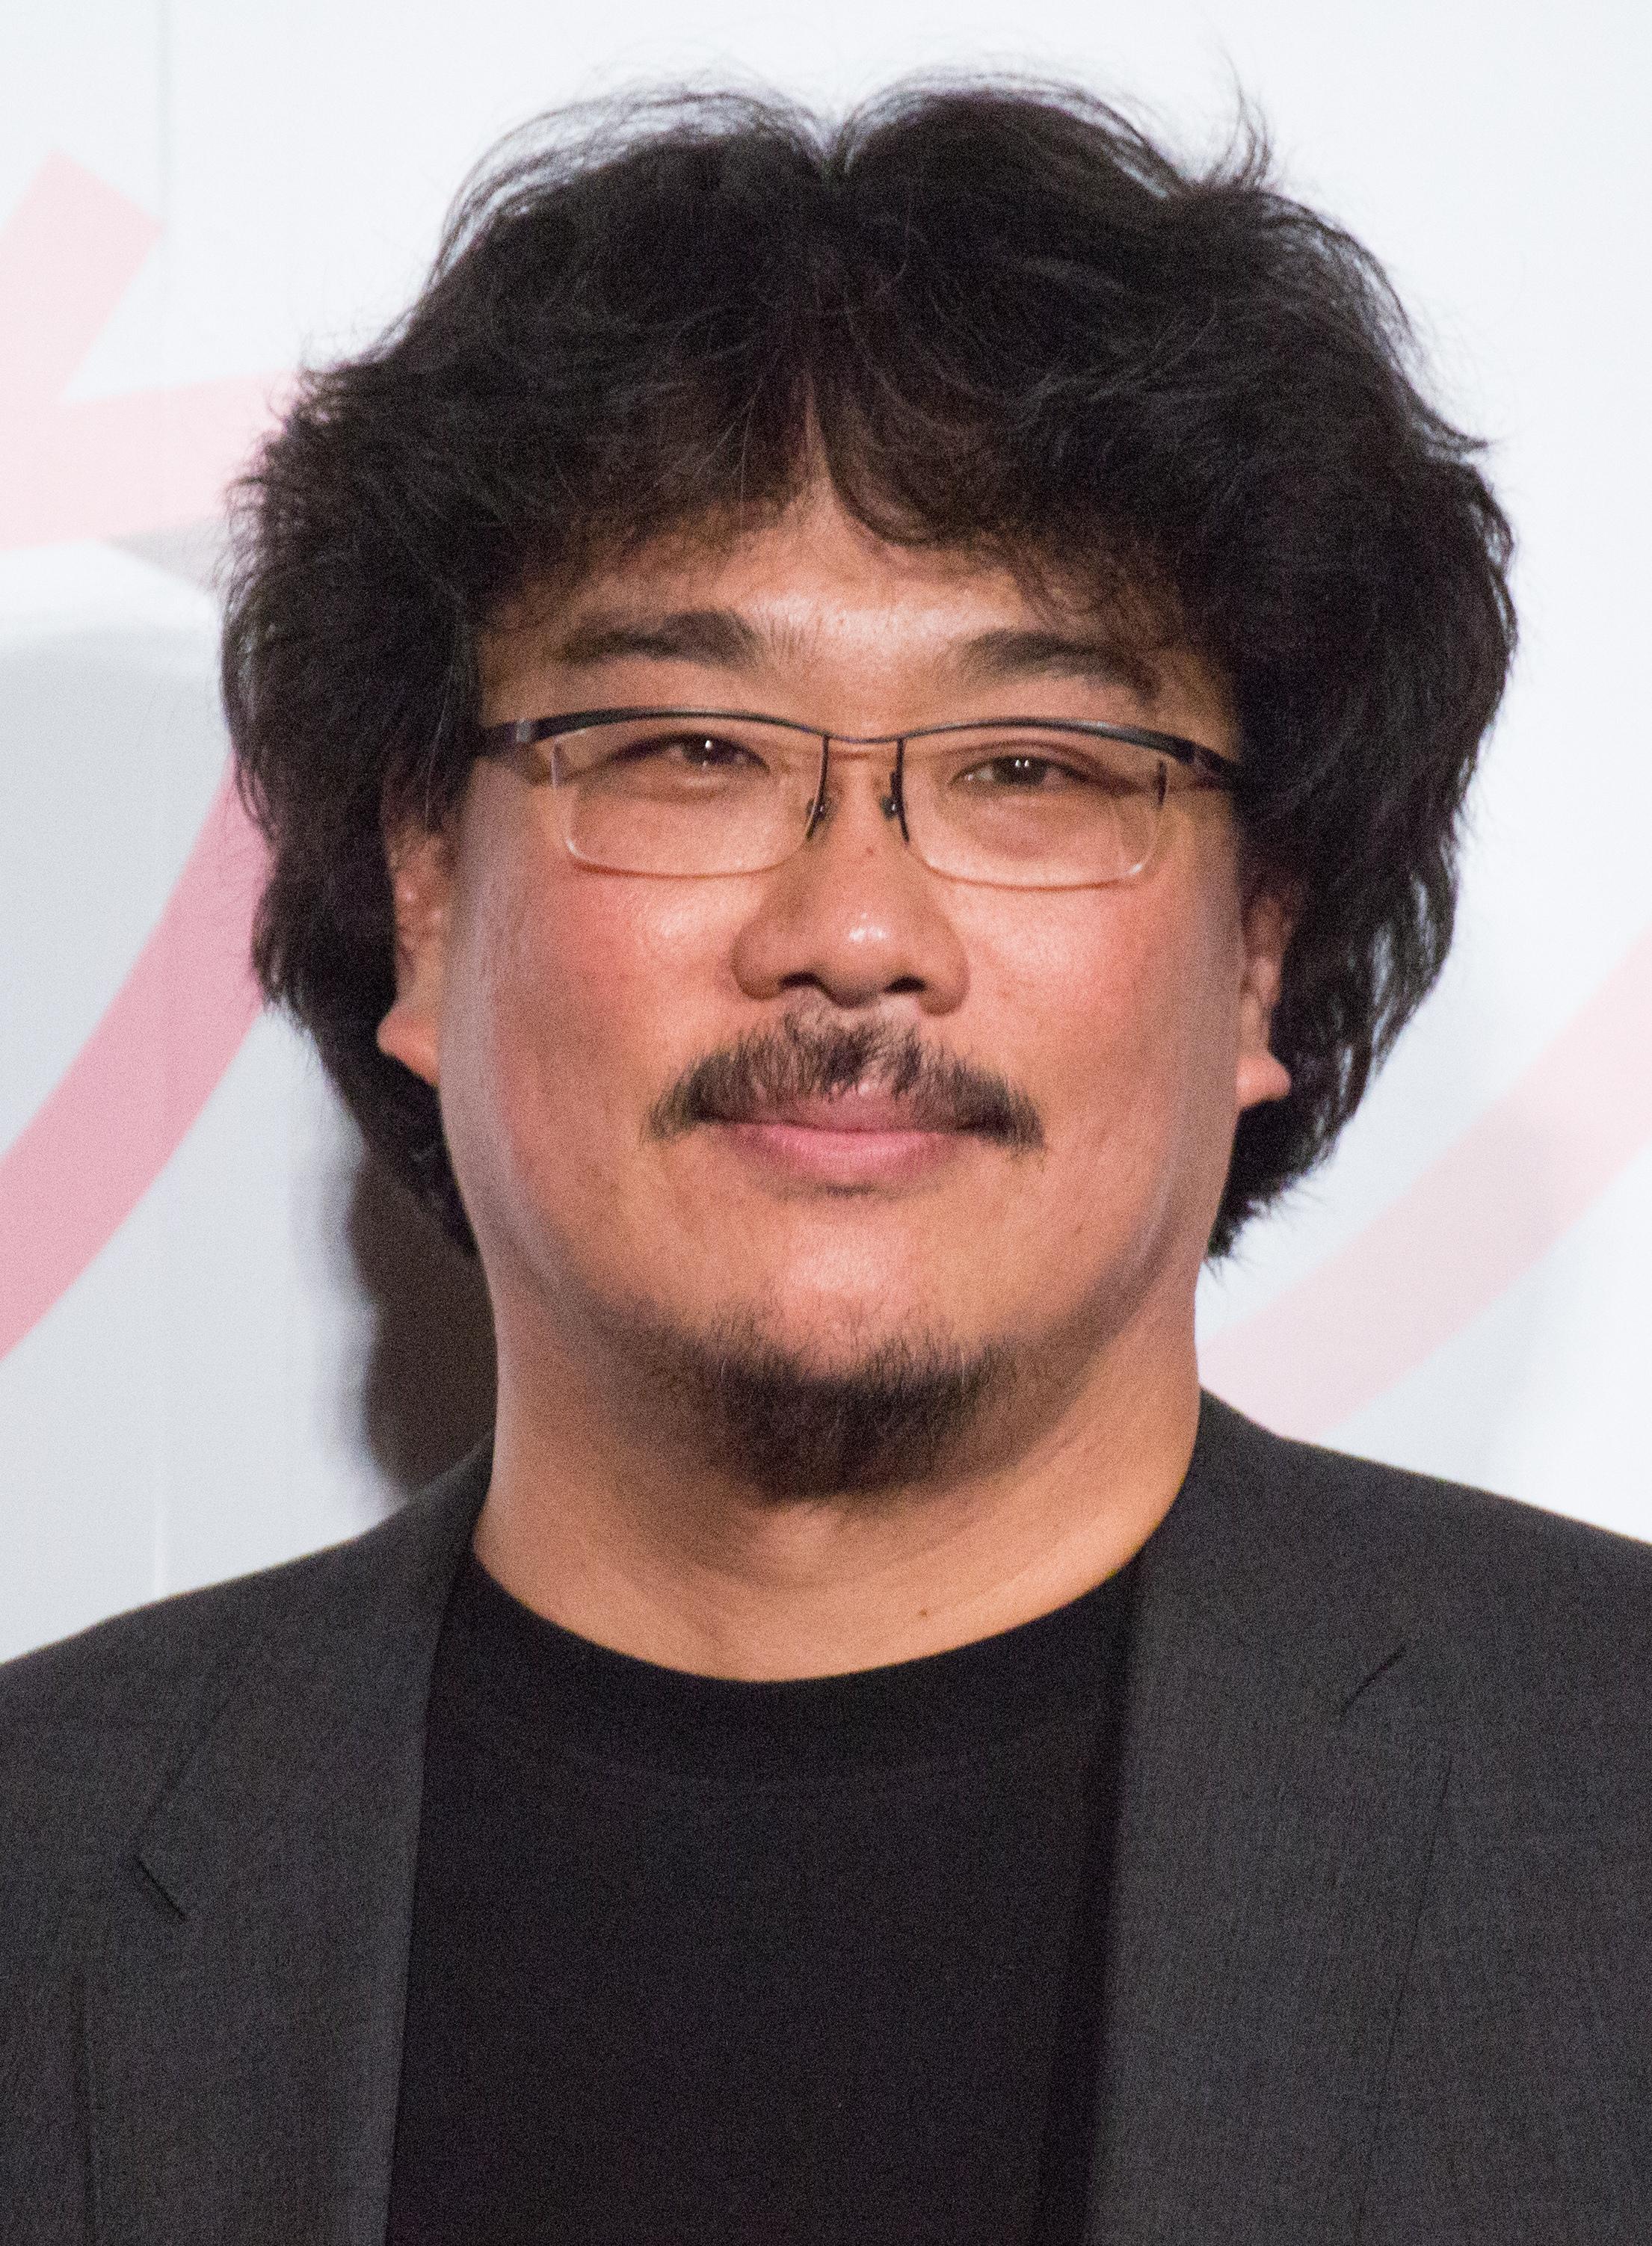 rendező pong joong ho parazitái